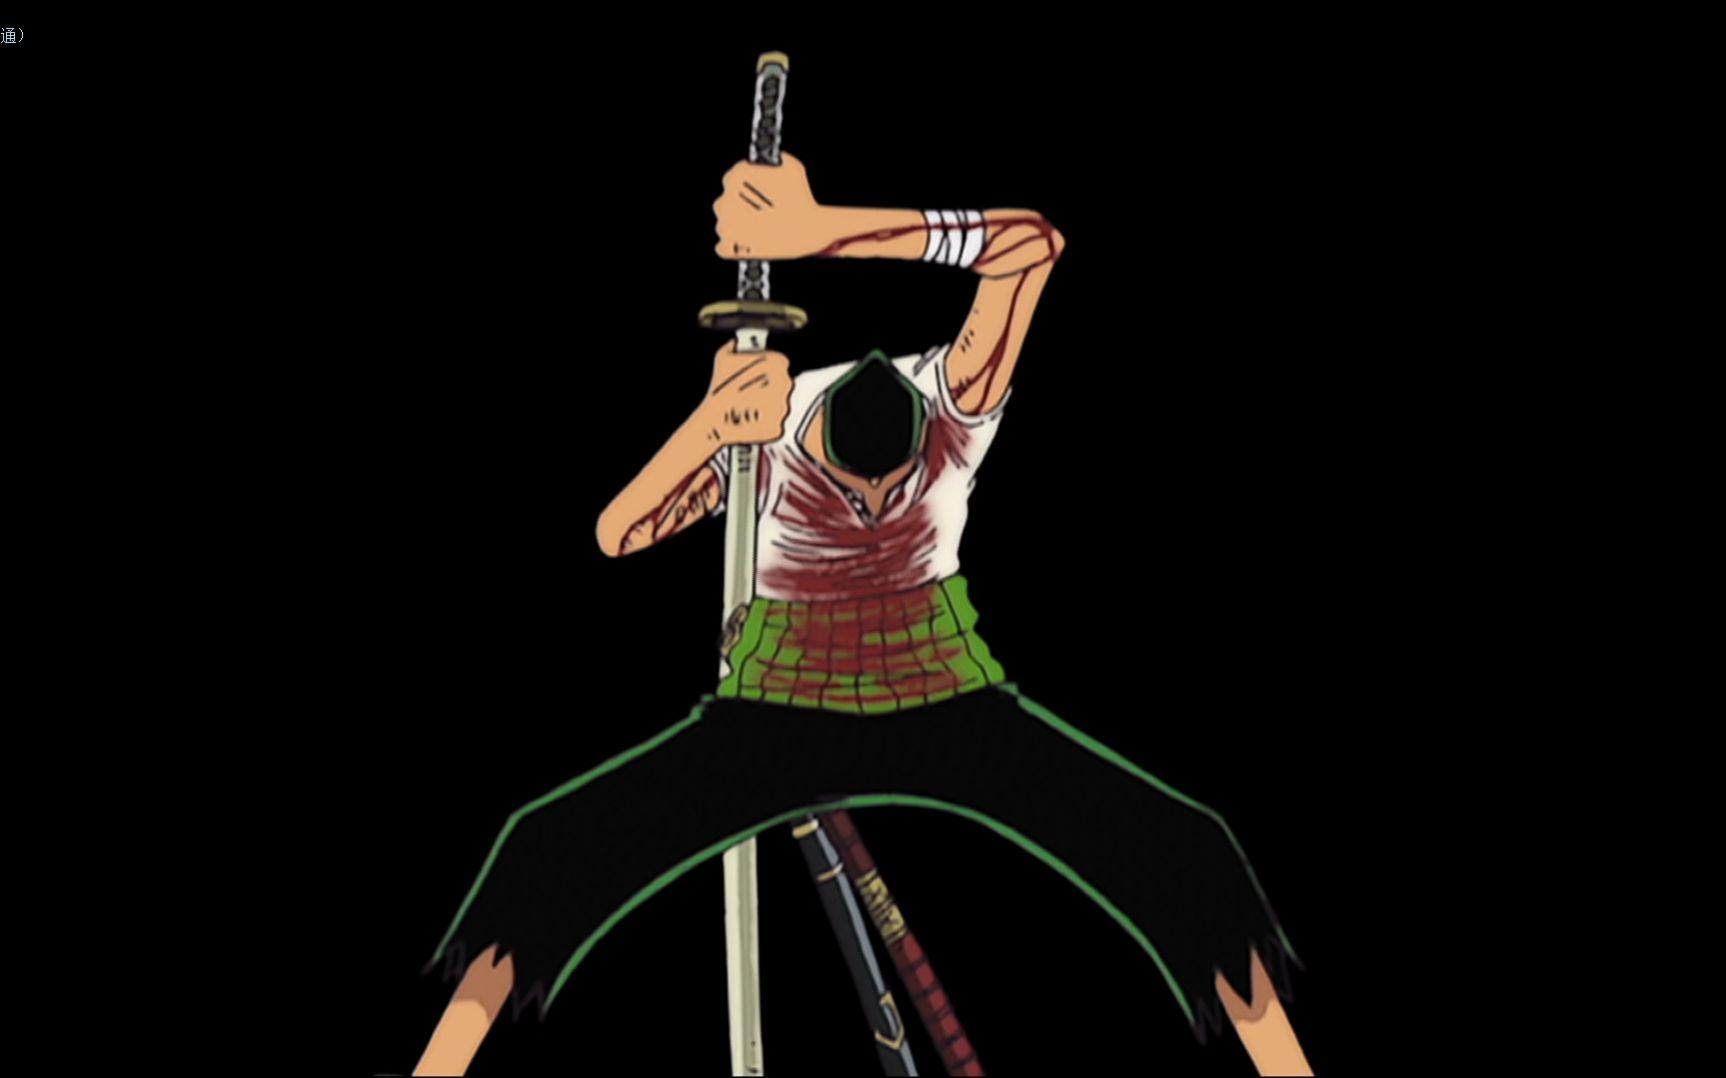 【海贼王·索隆】索隆战斗混剪,天下万物皆可斩断